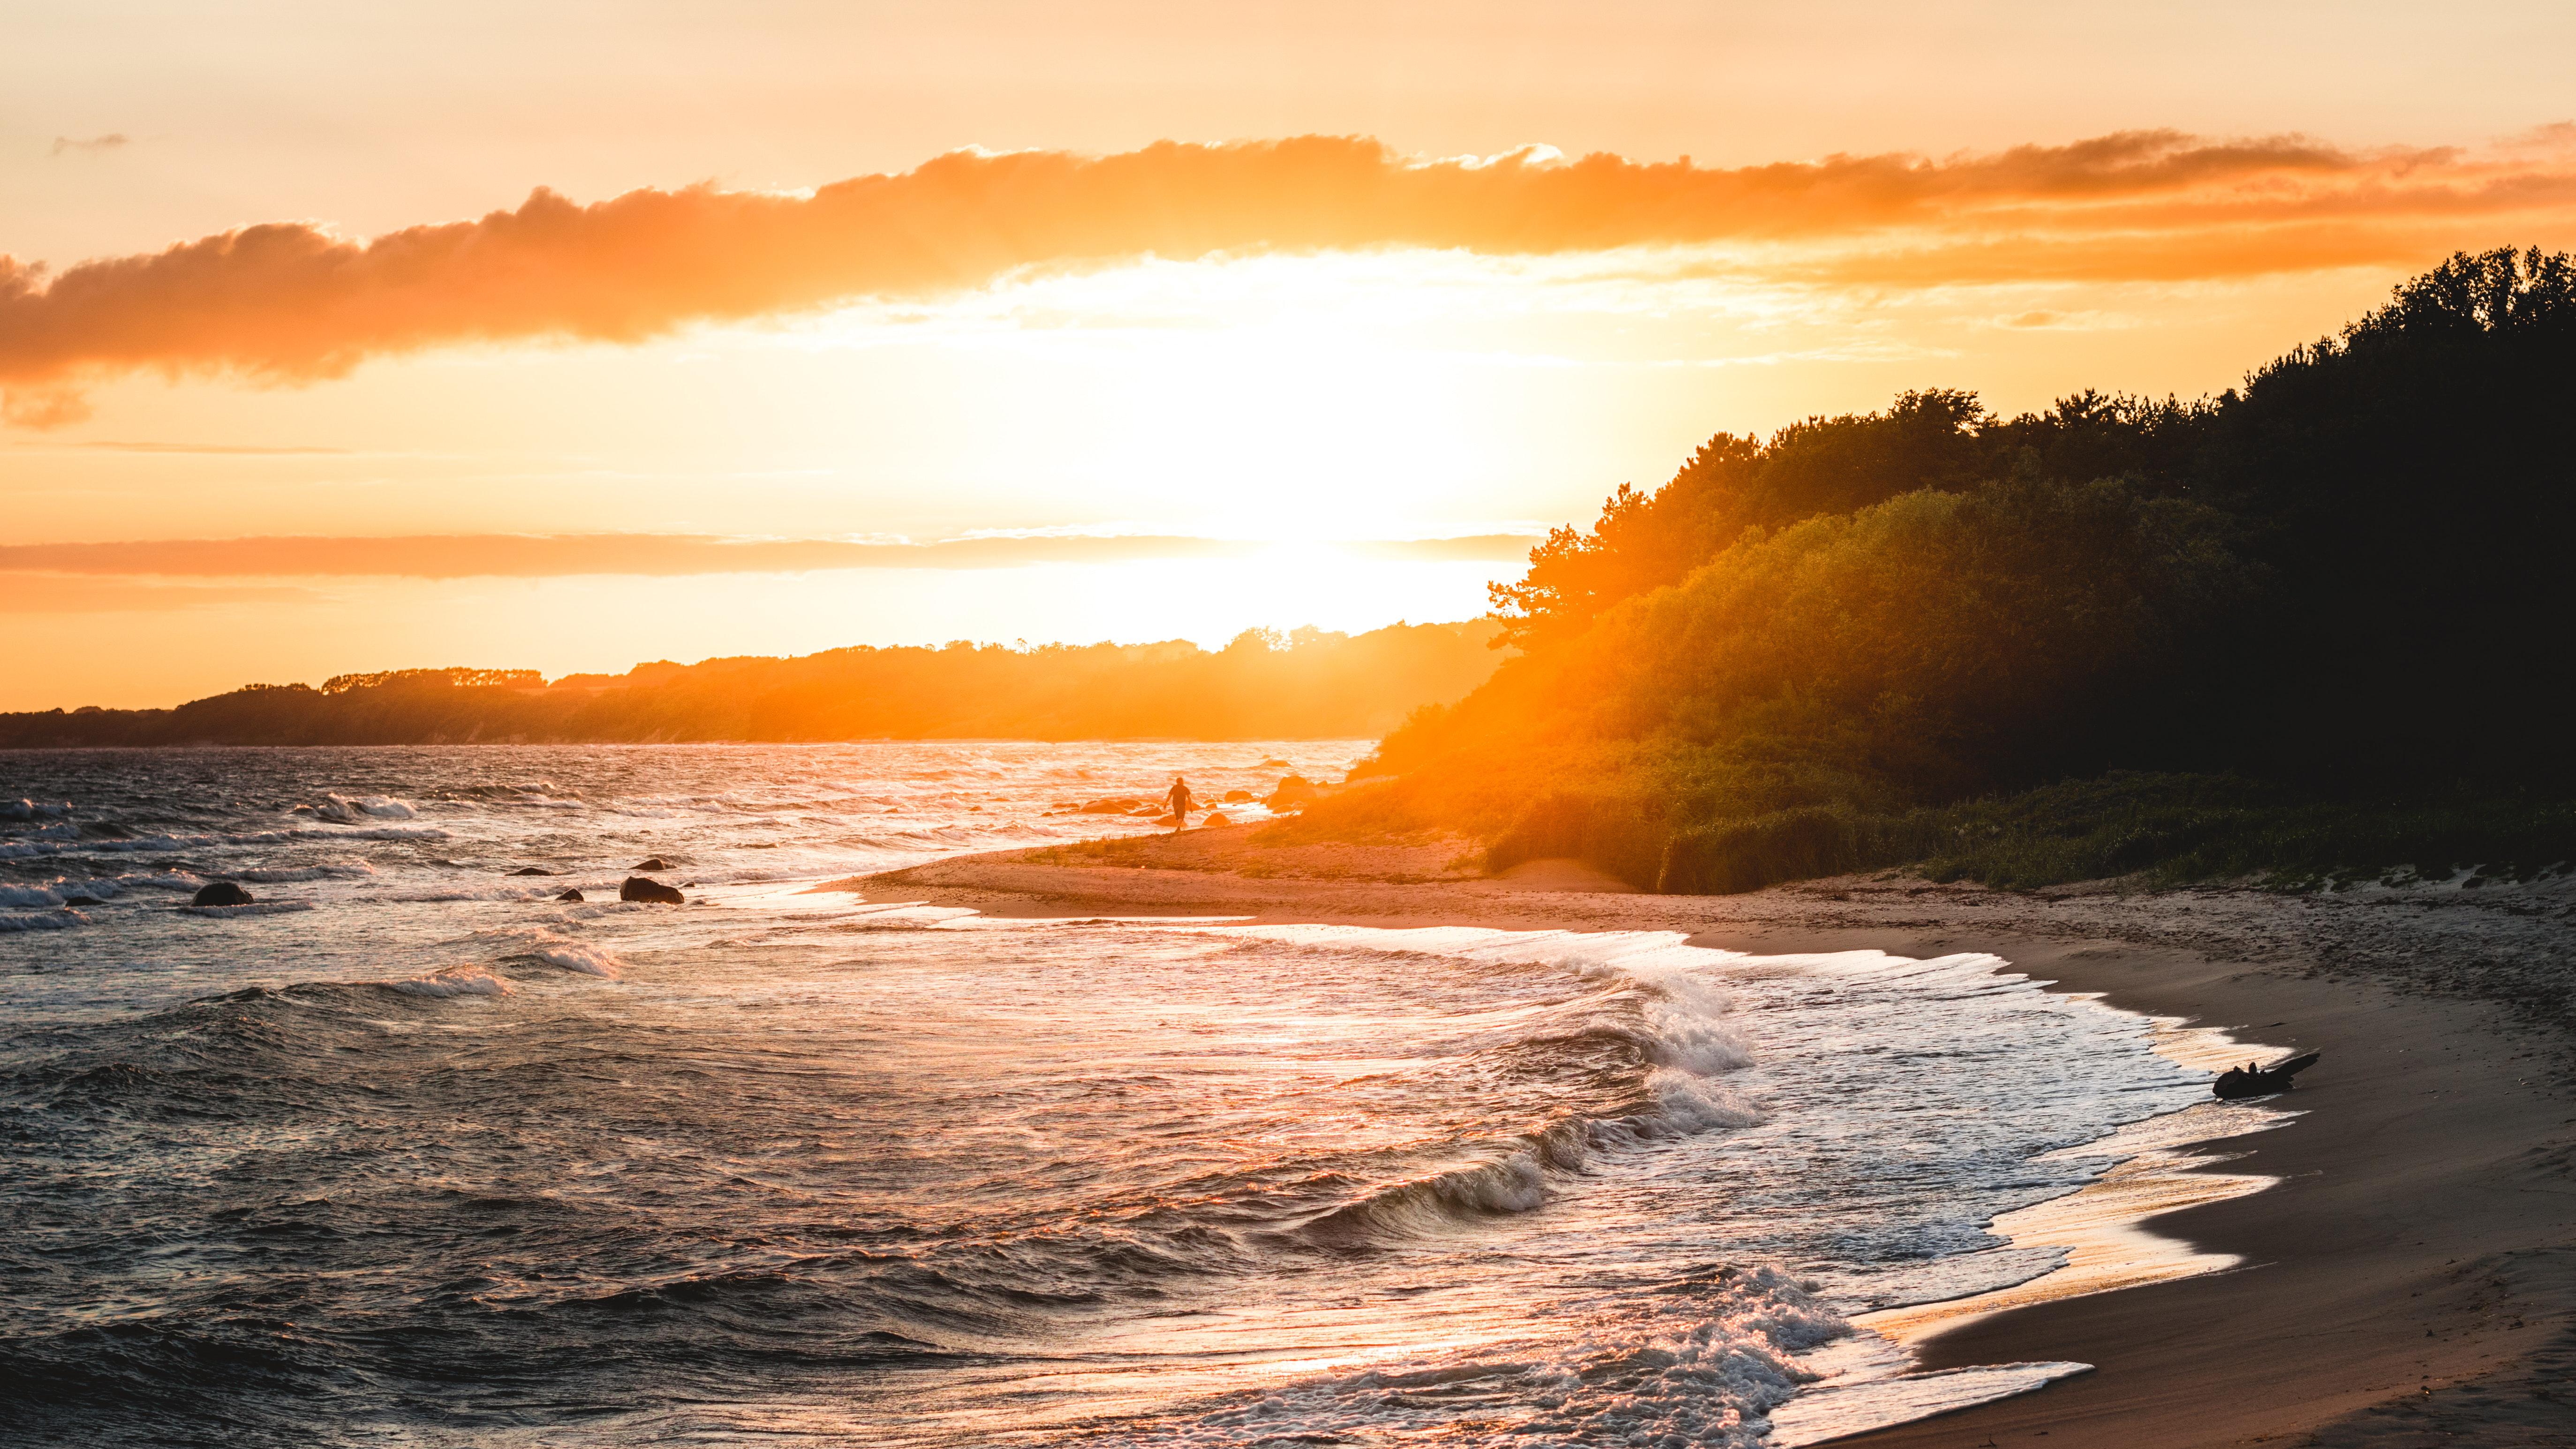 Gray Sand Beach during Sunset, Beach, Seashore, Water, Walking, HQ Photo